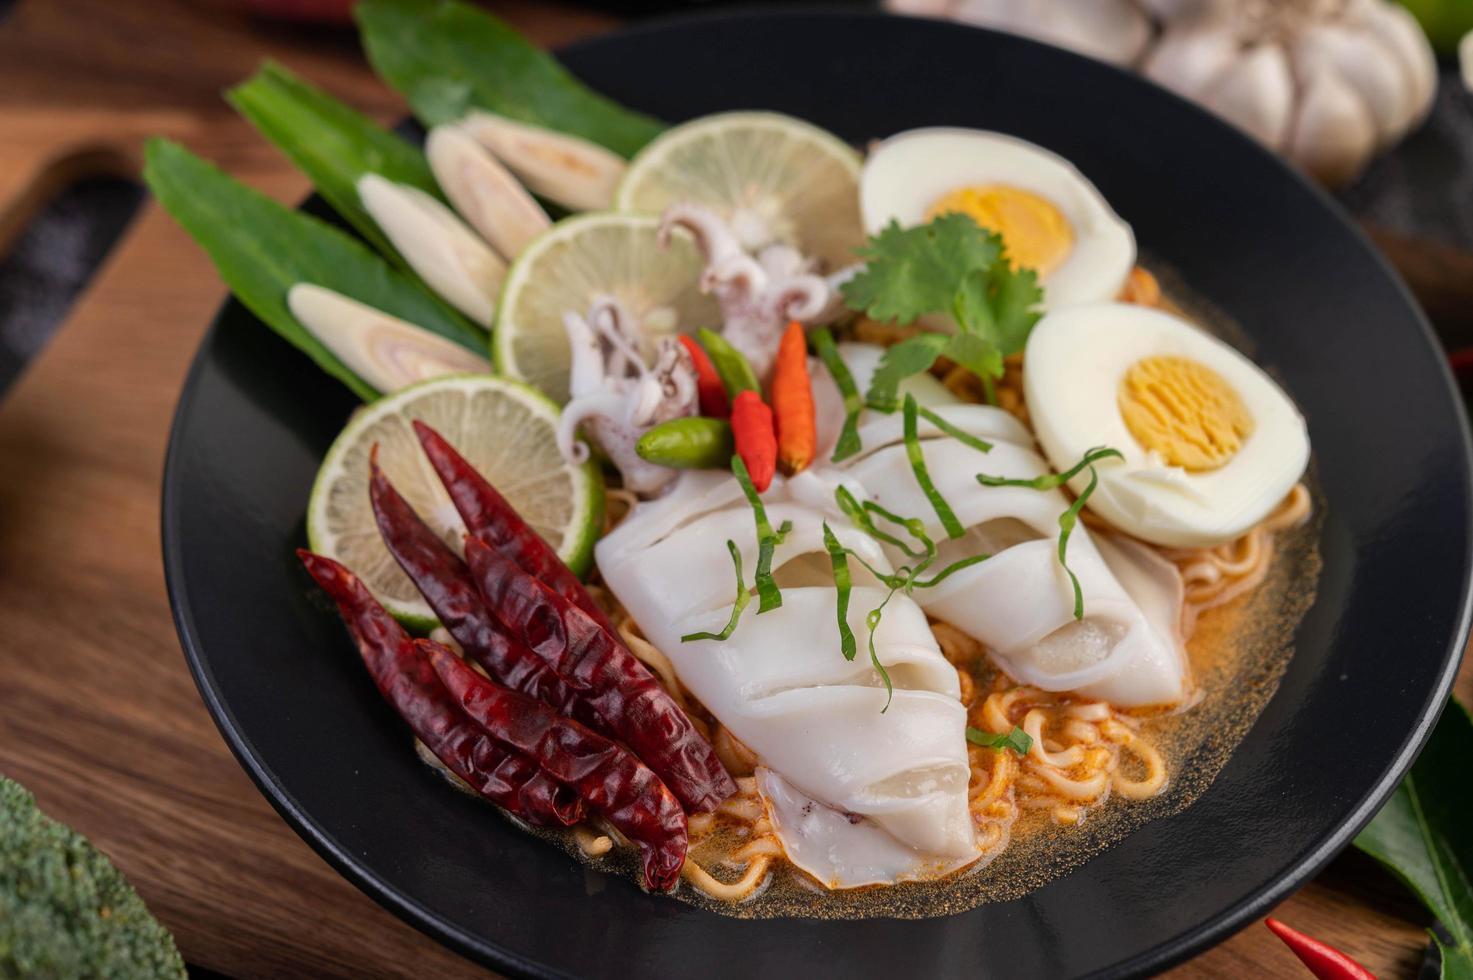 fideos con calamares y huevo cocido foto